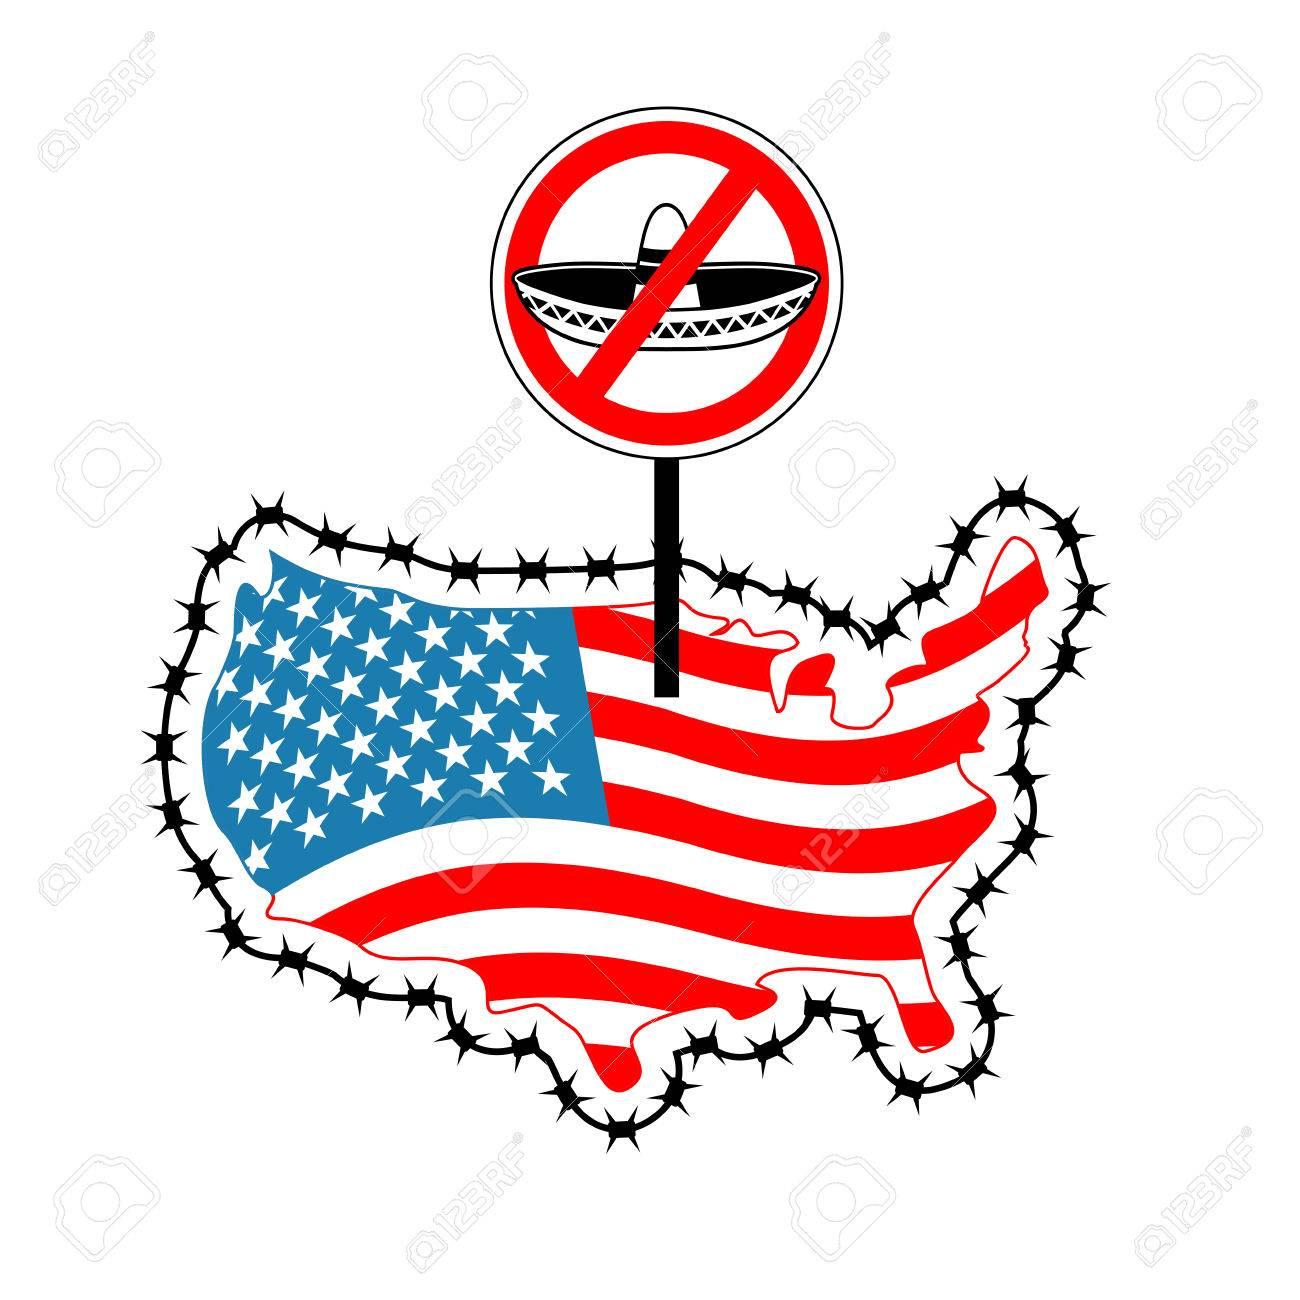 US Schließt Grenze Zu Mexiko. Stoppen Sie Sombrero. Karte Von ...